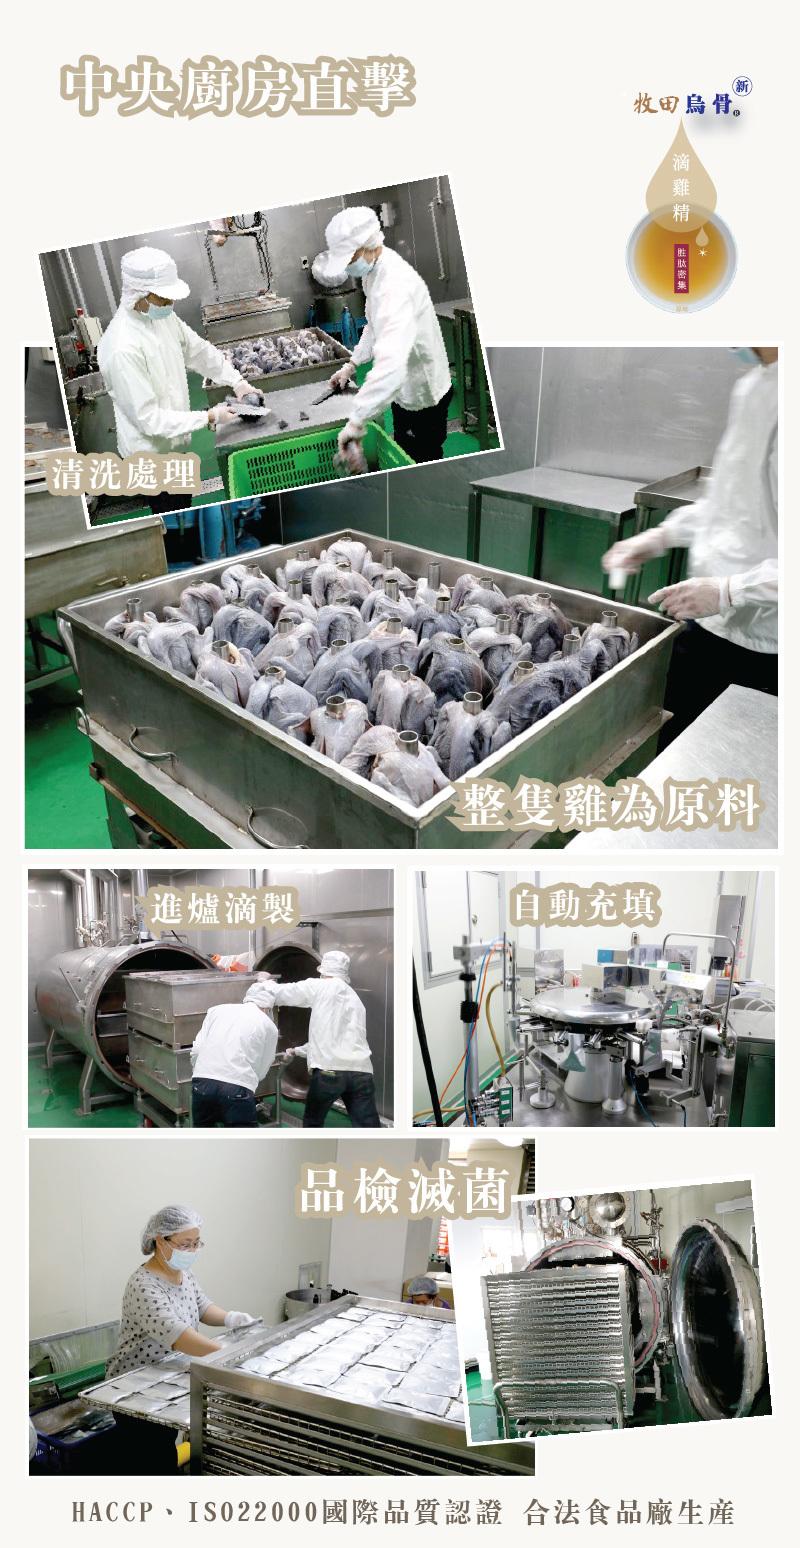 合法央廚製程大公開,保證使用整隻原雞滴製,不使用分切餘料。